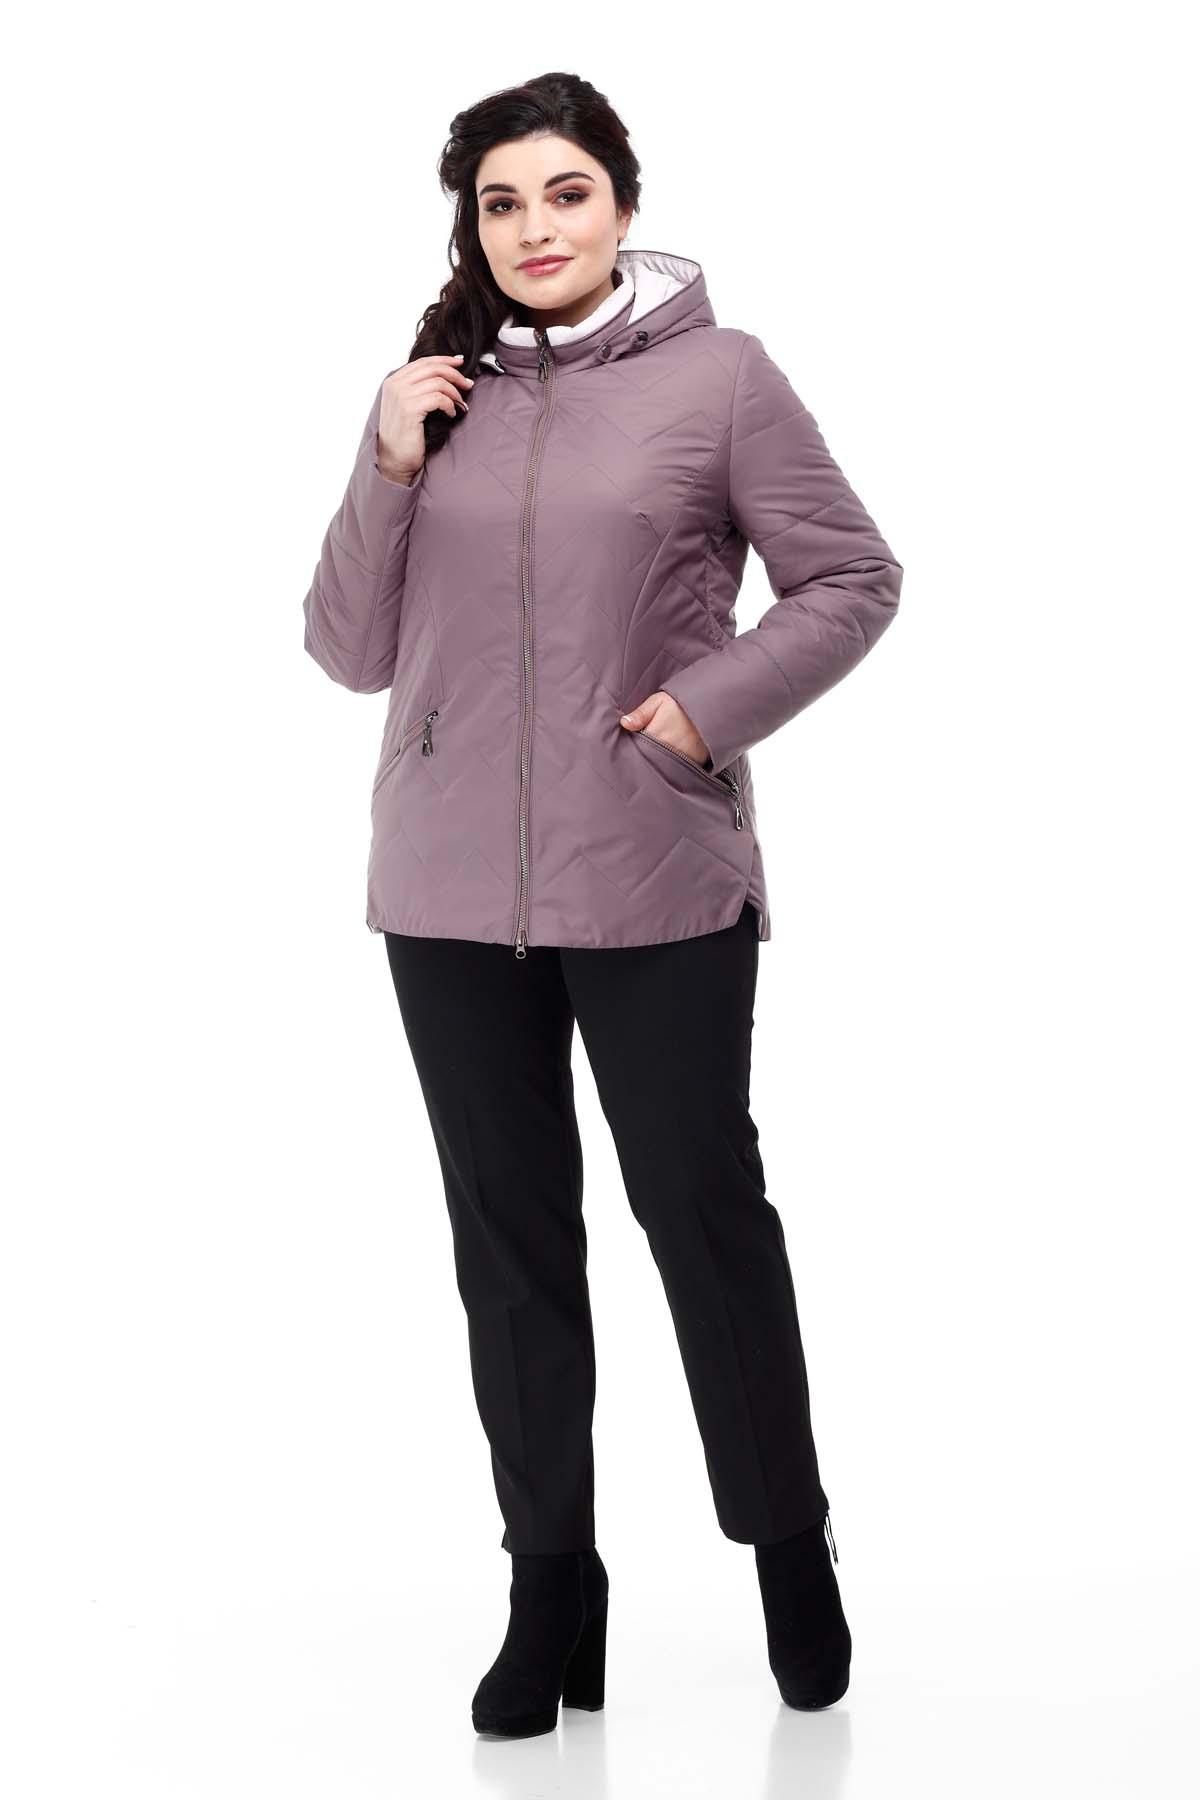 IMG 7793 Купити верхній одяг оптом